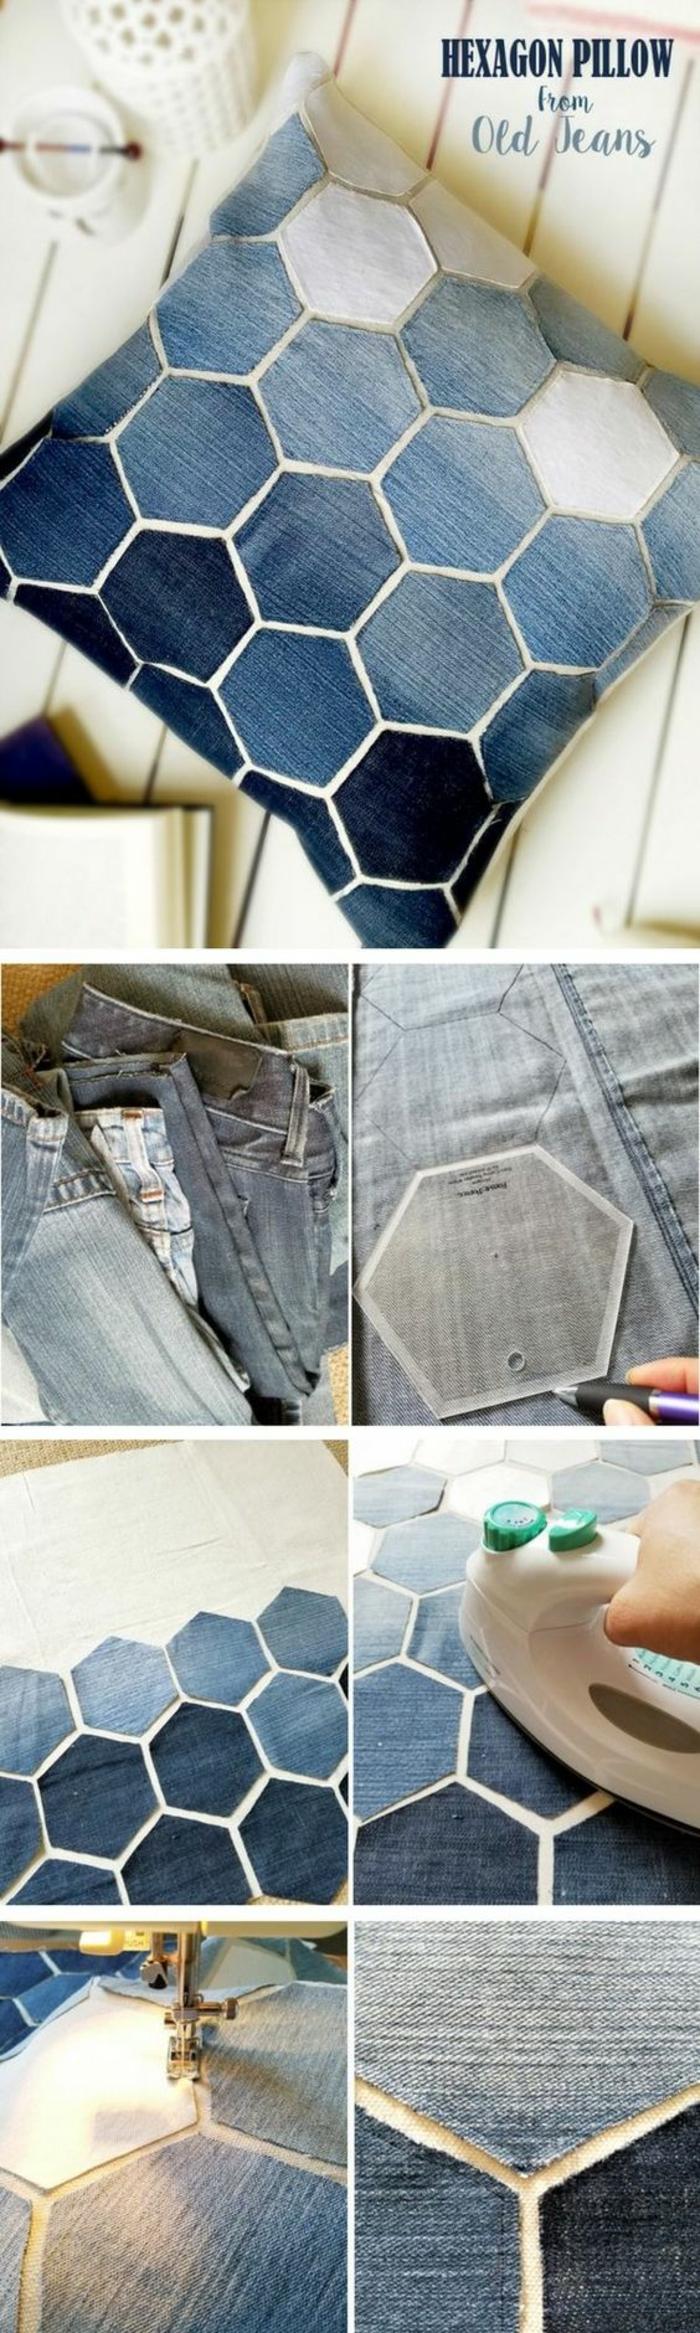 como hacer almohada de jeans viajos, paso a paso, diy decoracion